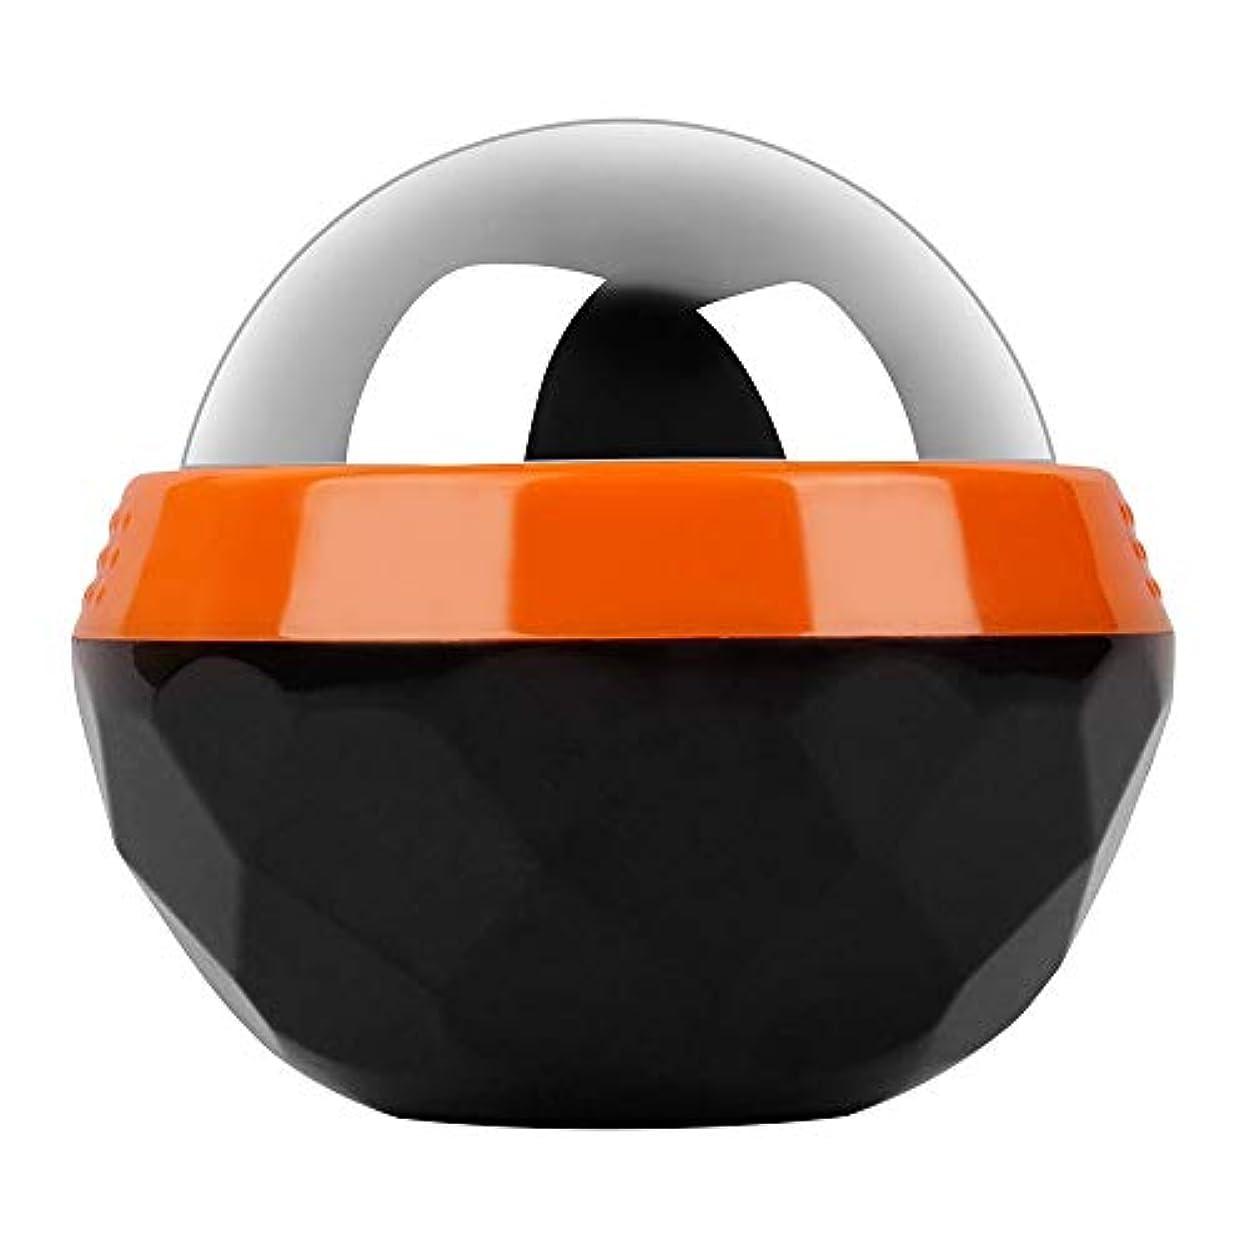 どういたしましてトランク数学GeTooコールドマッサージローラーボール-2.4インチの氷球は6時間冷たさを持続、アイスセラピーディープティッシュマッサージ、オレンジとブラック